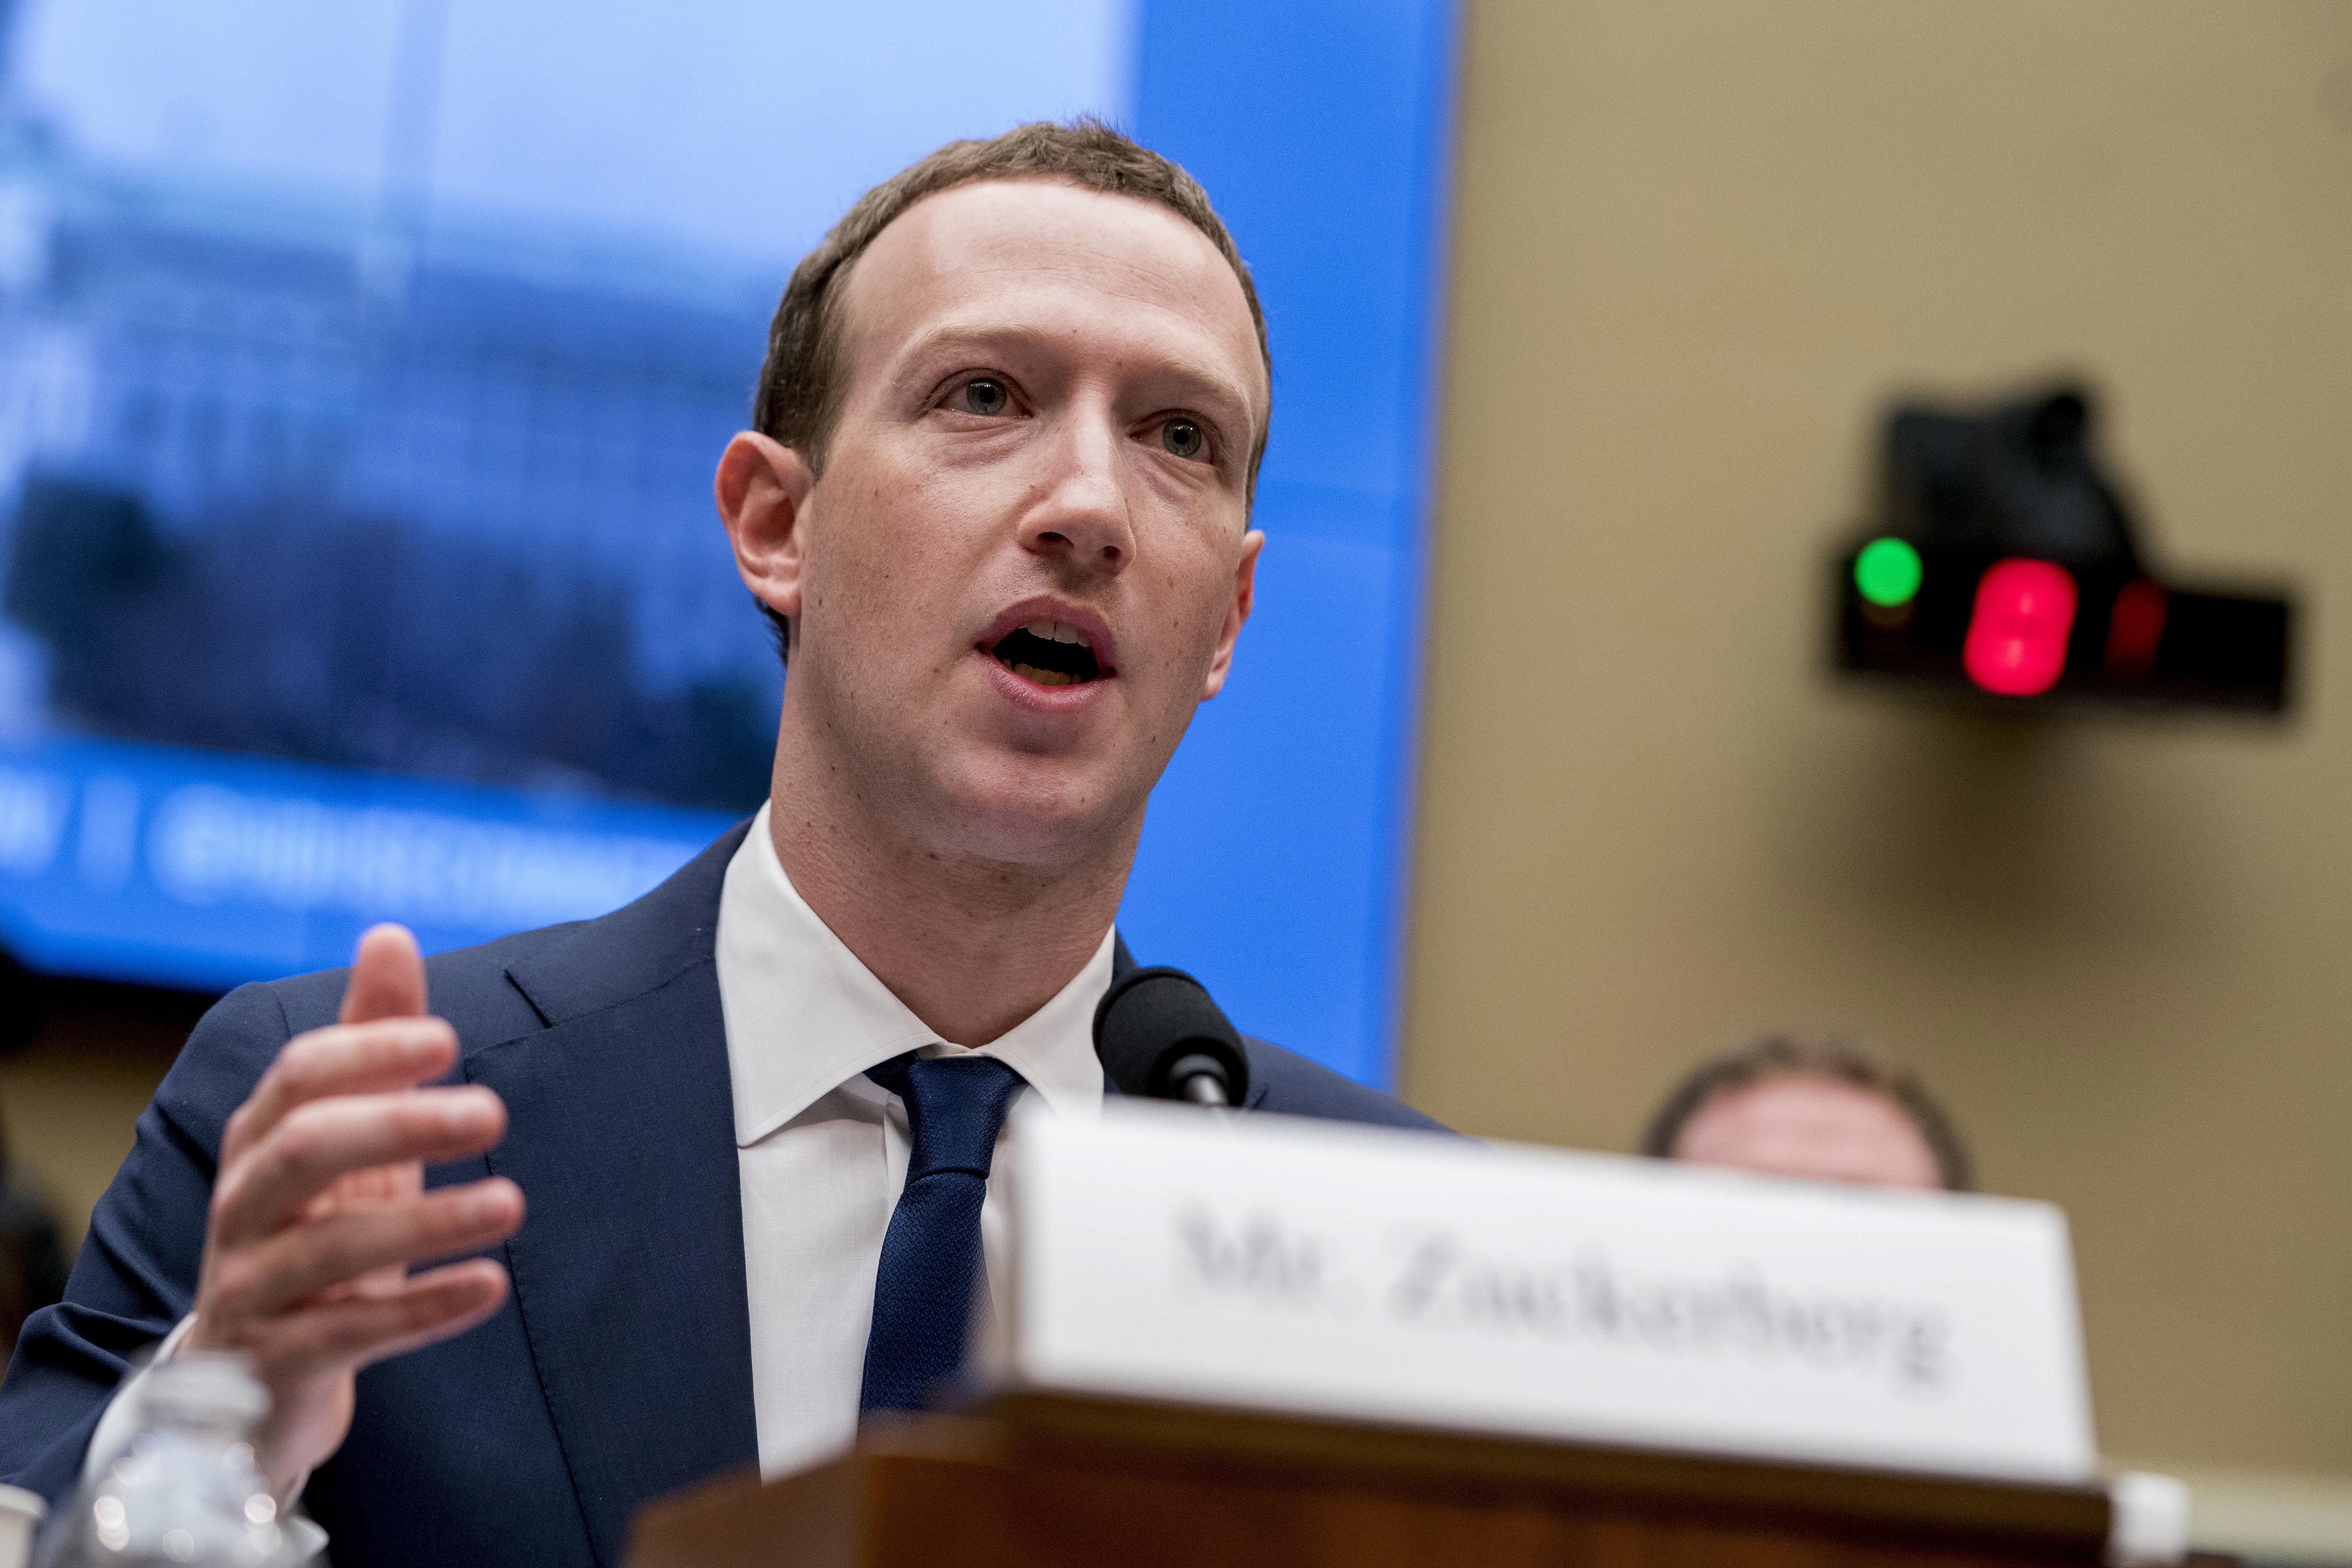 ARCHIVO - Foto de archivo, 11 de abril de 2018, del director general de Facebook, Mark Zuckerberg, en el Congreso en Washington. Comisiones parlamentarias de Canadá y Gran Bretaña pidieron el miércoles 31 de octubre de 2018 que declare ante ellas sobre noticias falsas y el internet. (AP Foto/Andrew Harnik, File)